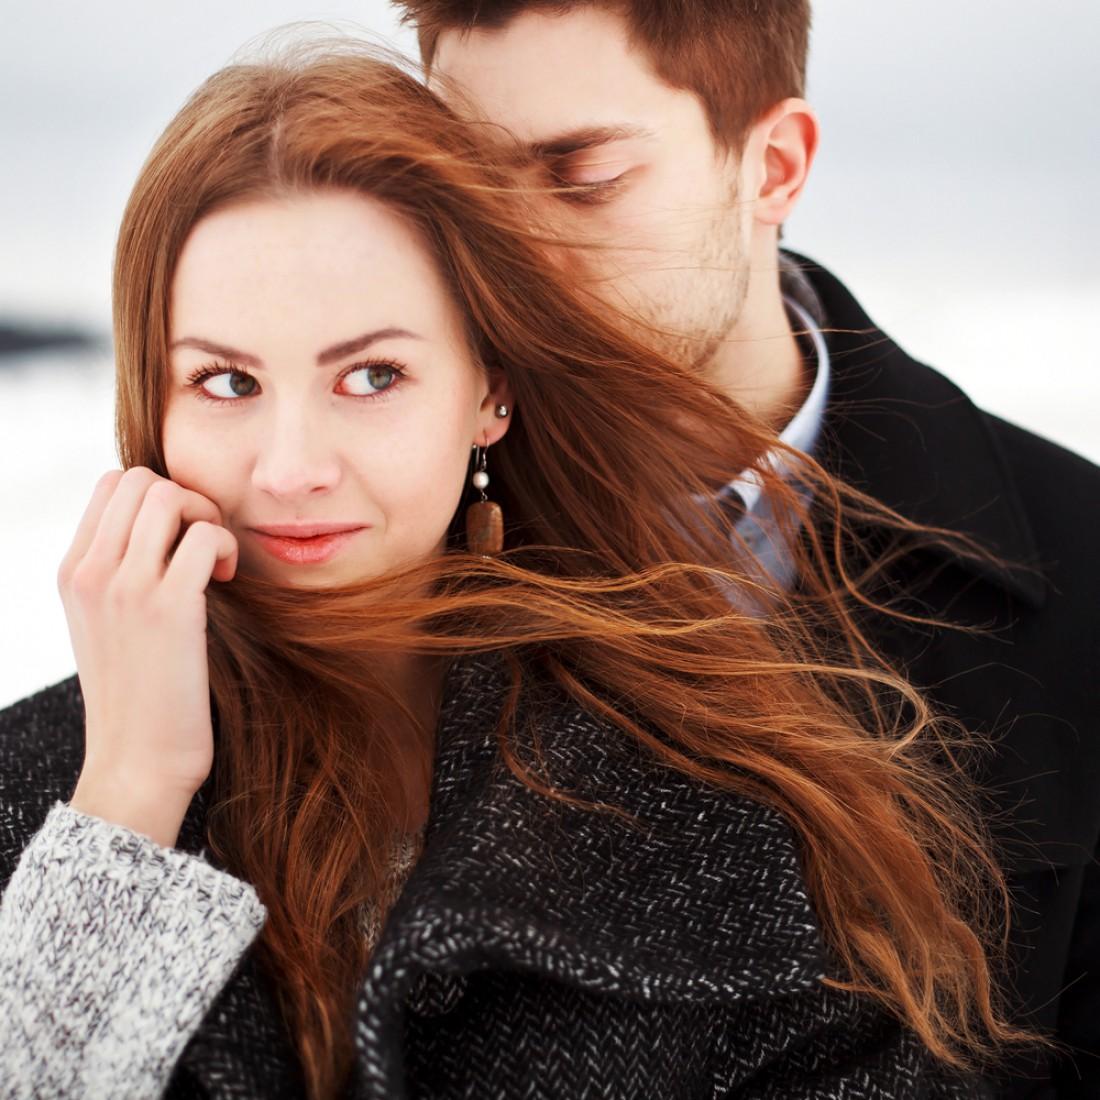 Какие бывают отношения: типы и виды взаимоотношений между мужчиной и женщиной